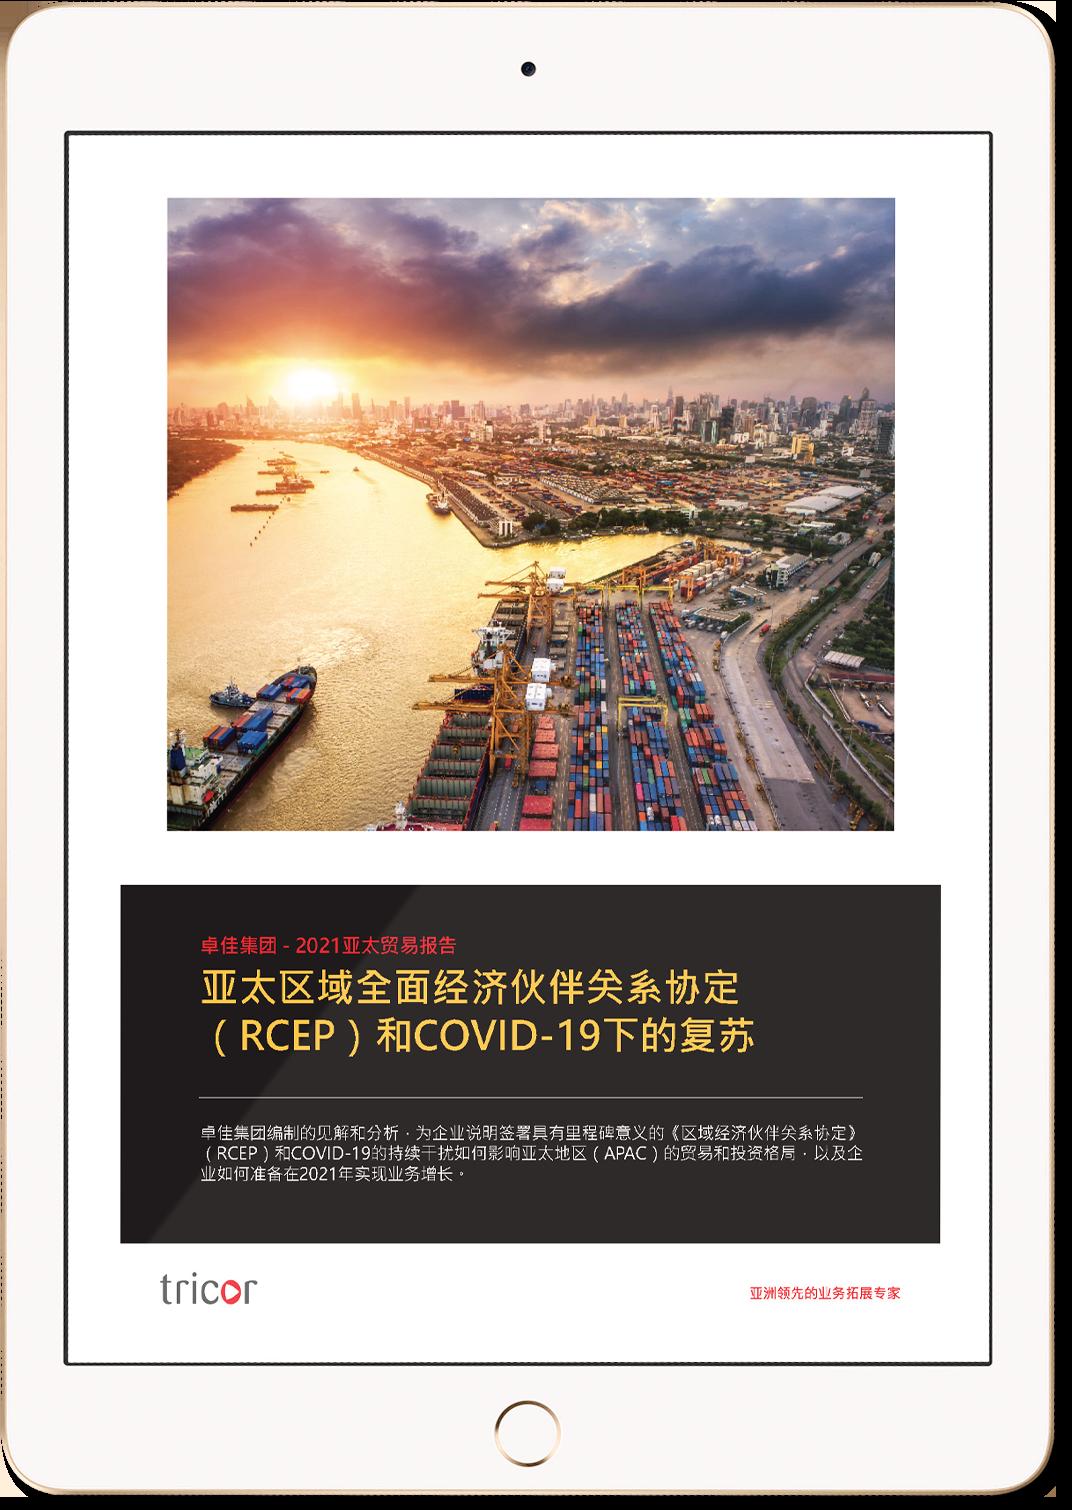 亞太區域全面經濟夥伴關係協定(RCEP)和COVID-19下的復甦